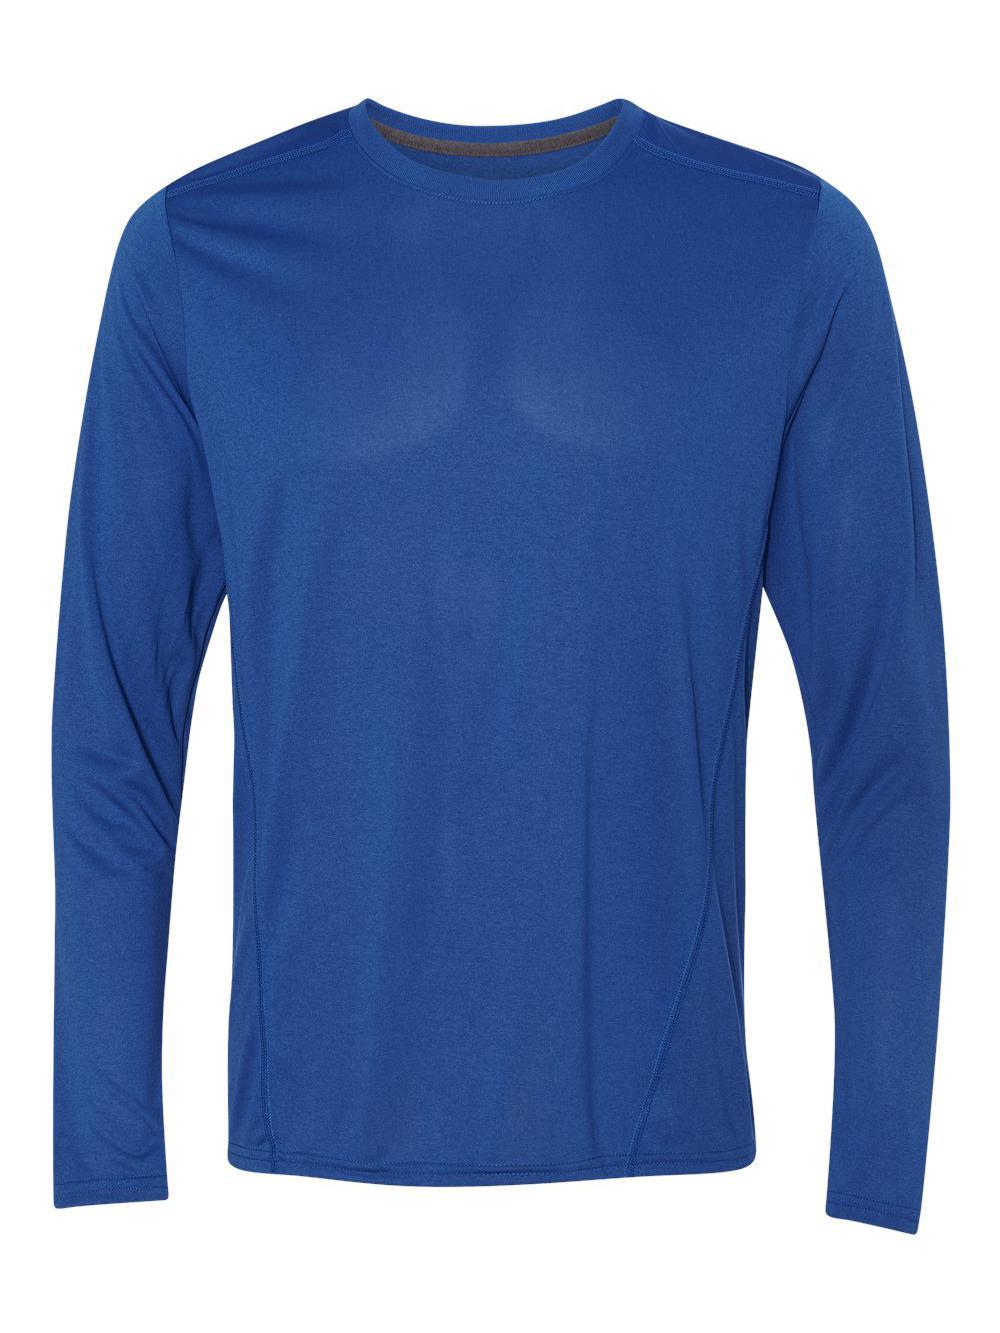 Gildan-Tech-Performance-Long-Sleeve-T-Shirt-47400 miniatura 18